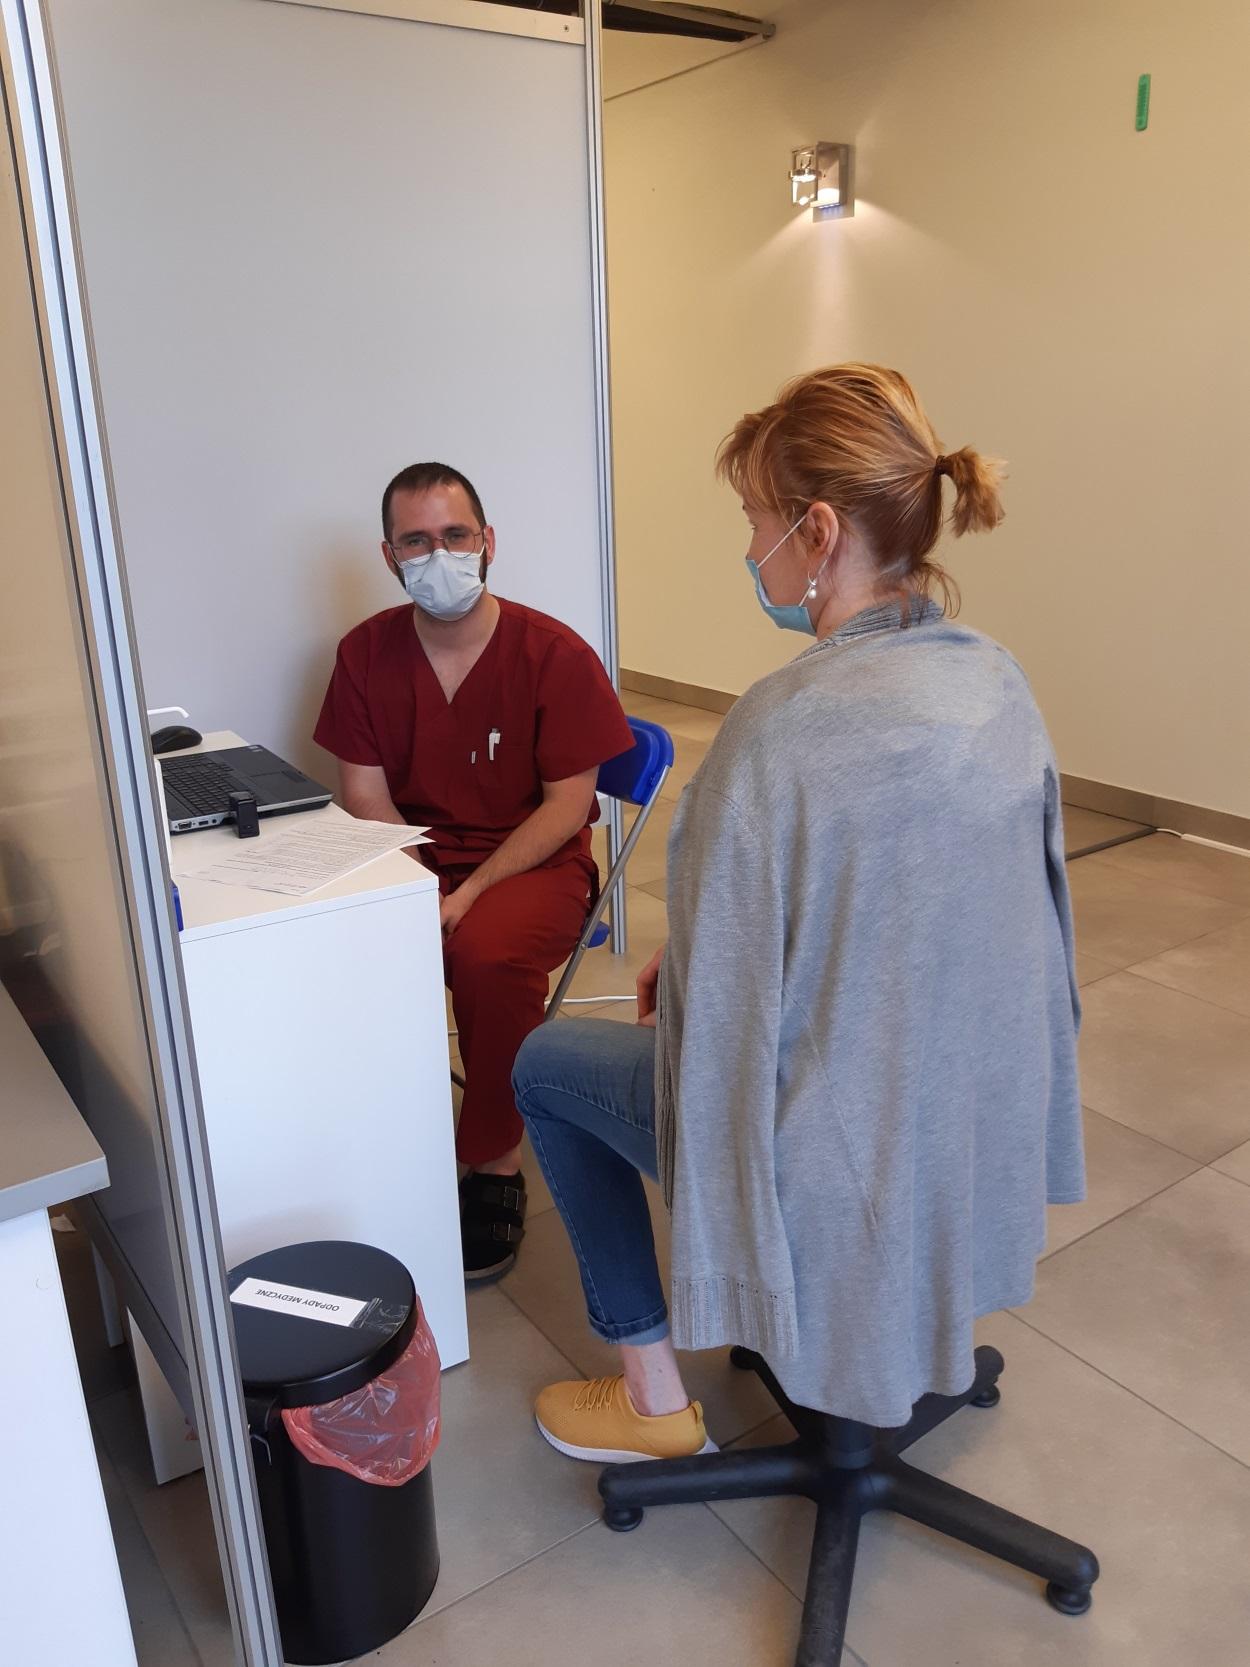 Pacjentka rozmawia z lekarzem. Kwalifikacja medyczna przed szczepieniem przeciw COVID-19